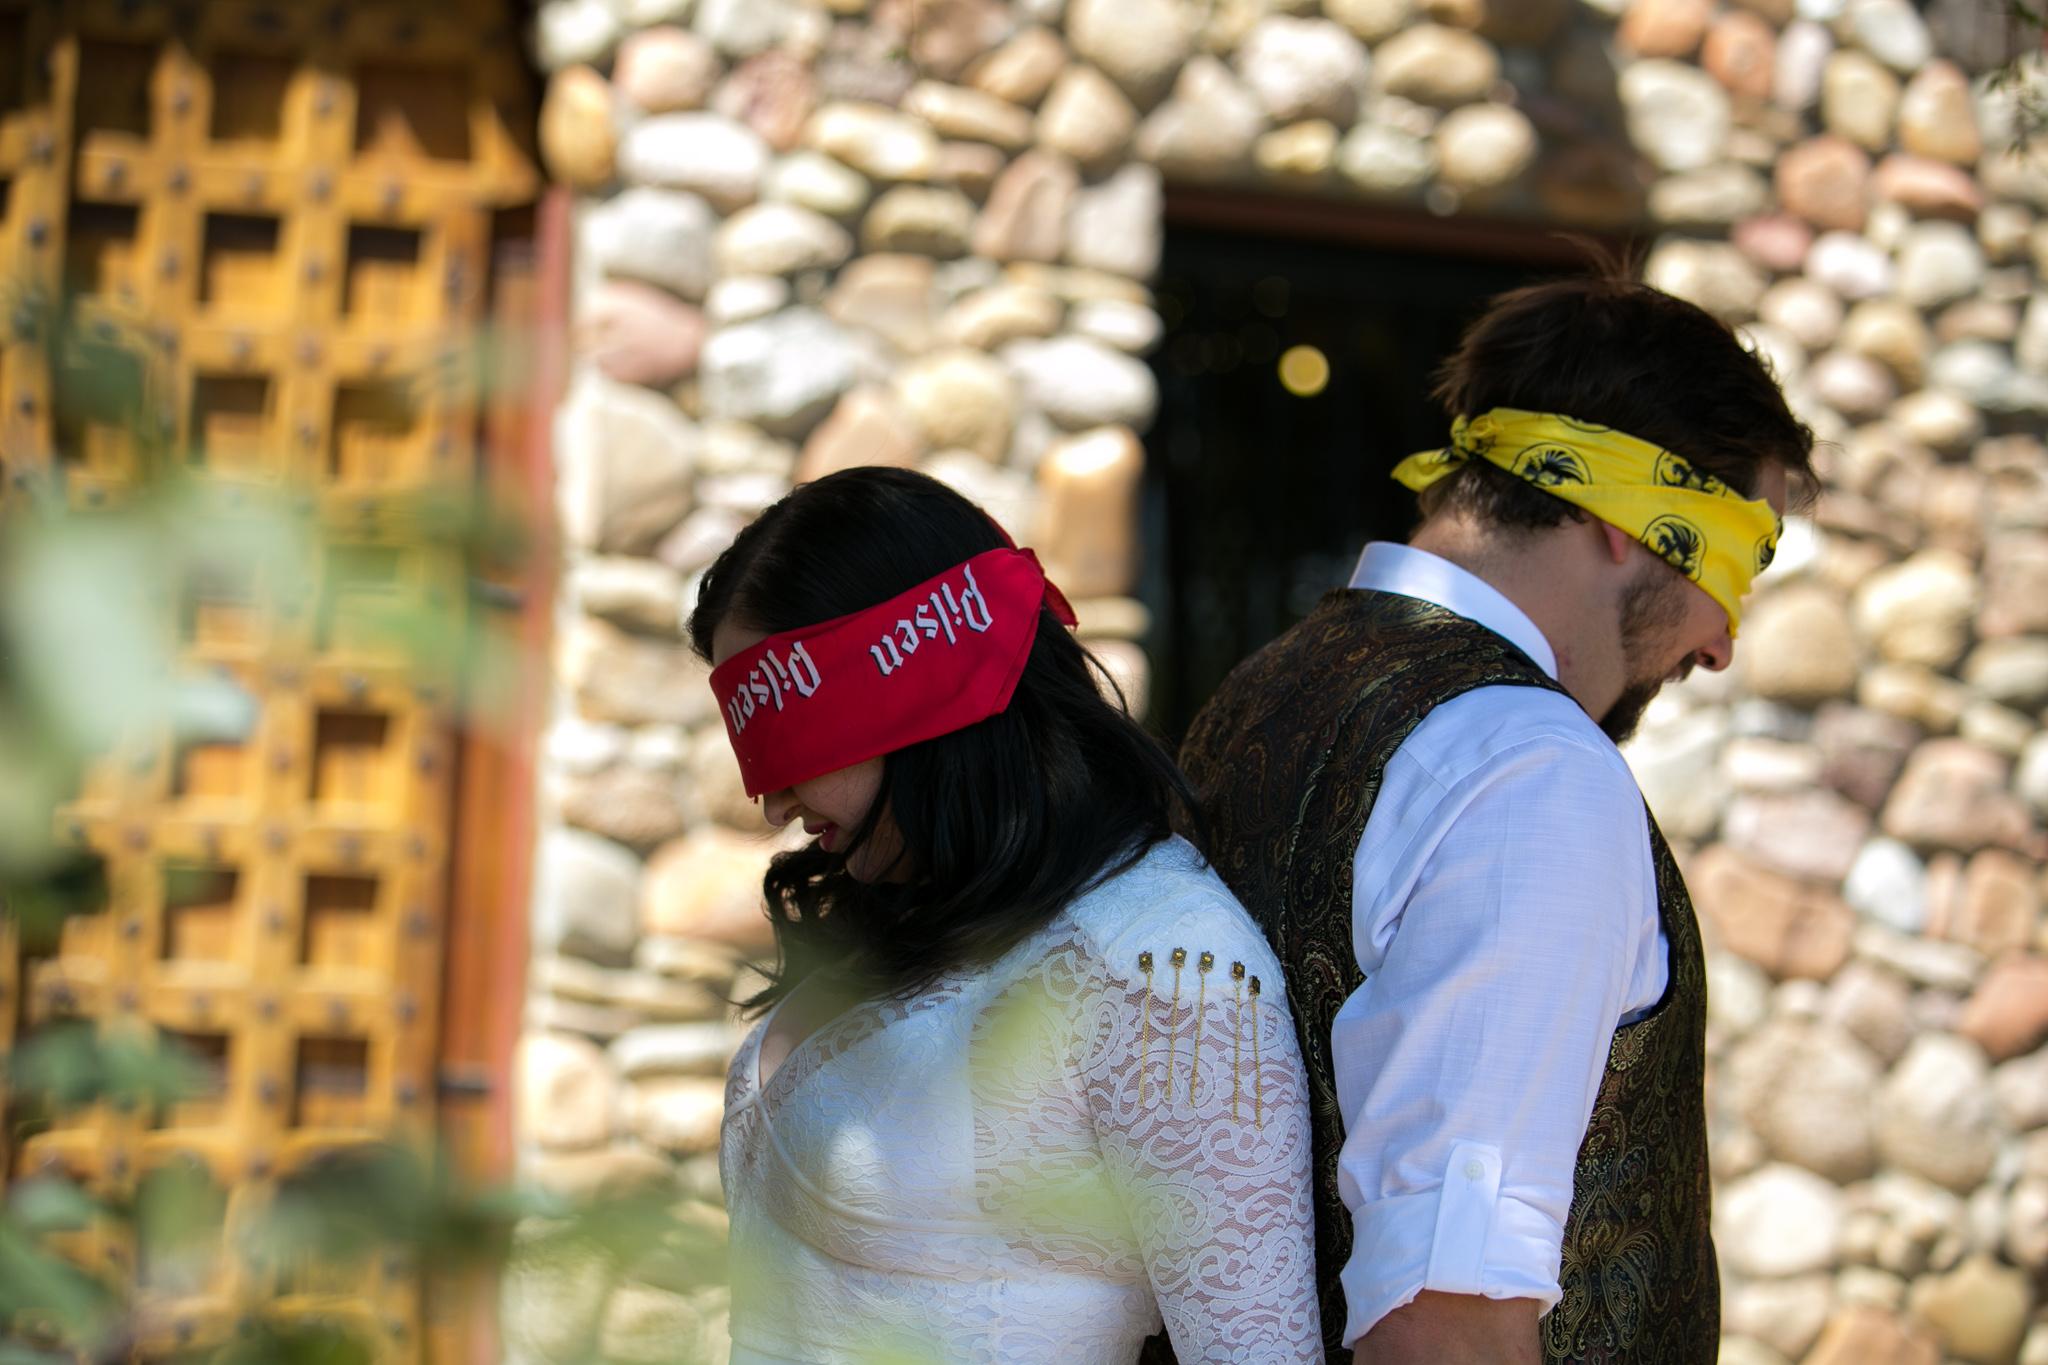 Liana&Steve-WEB-160723-024.jpg